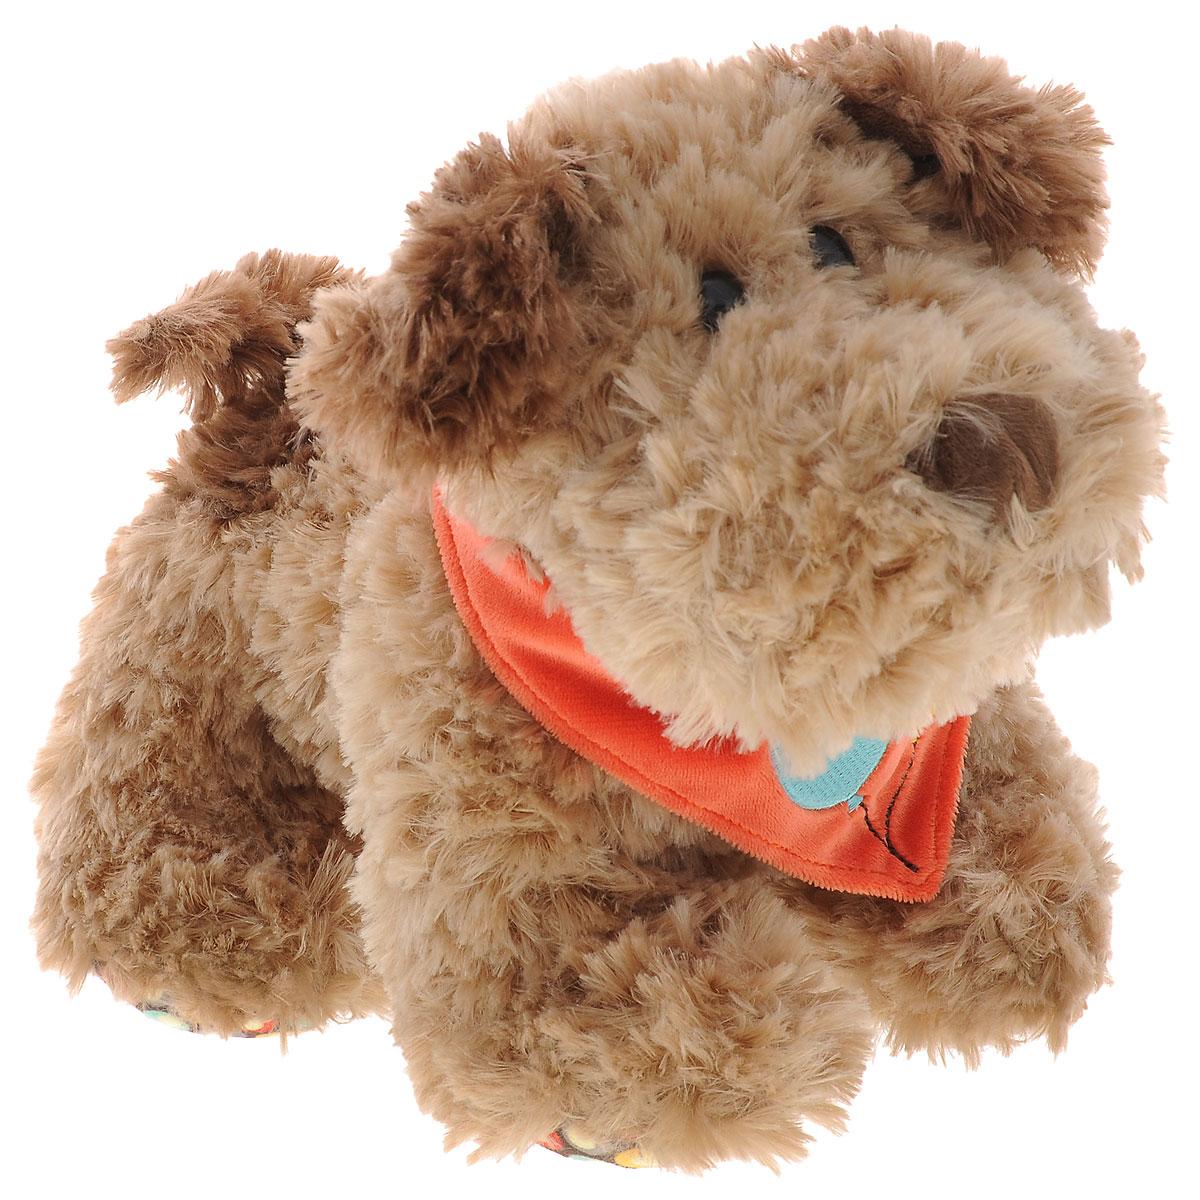 Plush Apple Мягкая игрушка Собака Кучеряшка, 24 смK31287IМягкая игрушка Plush Apple Собака Кучеряшка станет верным другом вашему ребенку. Игрушка произведена из безопасных и качественных материалов. Собачка по имени Кучеряшка украшена стильным платком, подвязанным на шее. У нее пушистая приятная шерстка, черные глаза-бусинки, а подушечки на лапках дополнены специальными вставками из яркого текстиля с рисунком. Озорная и забавная собачка Кучеряшка непременно понравится малышу и не позволит ему скучать.